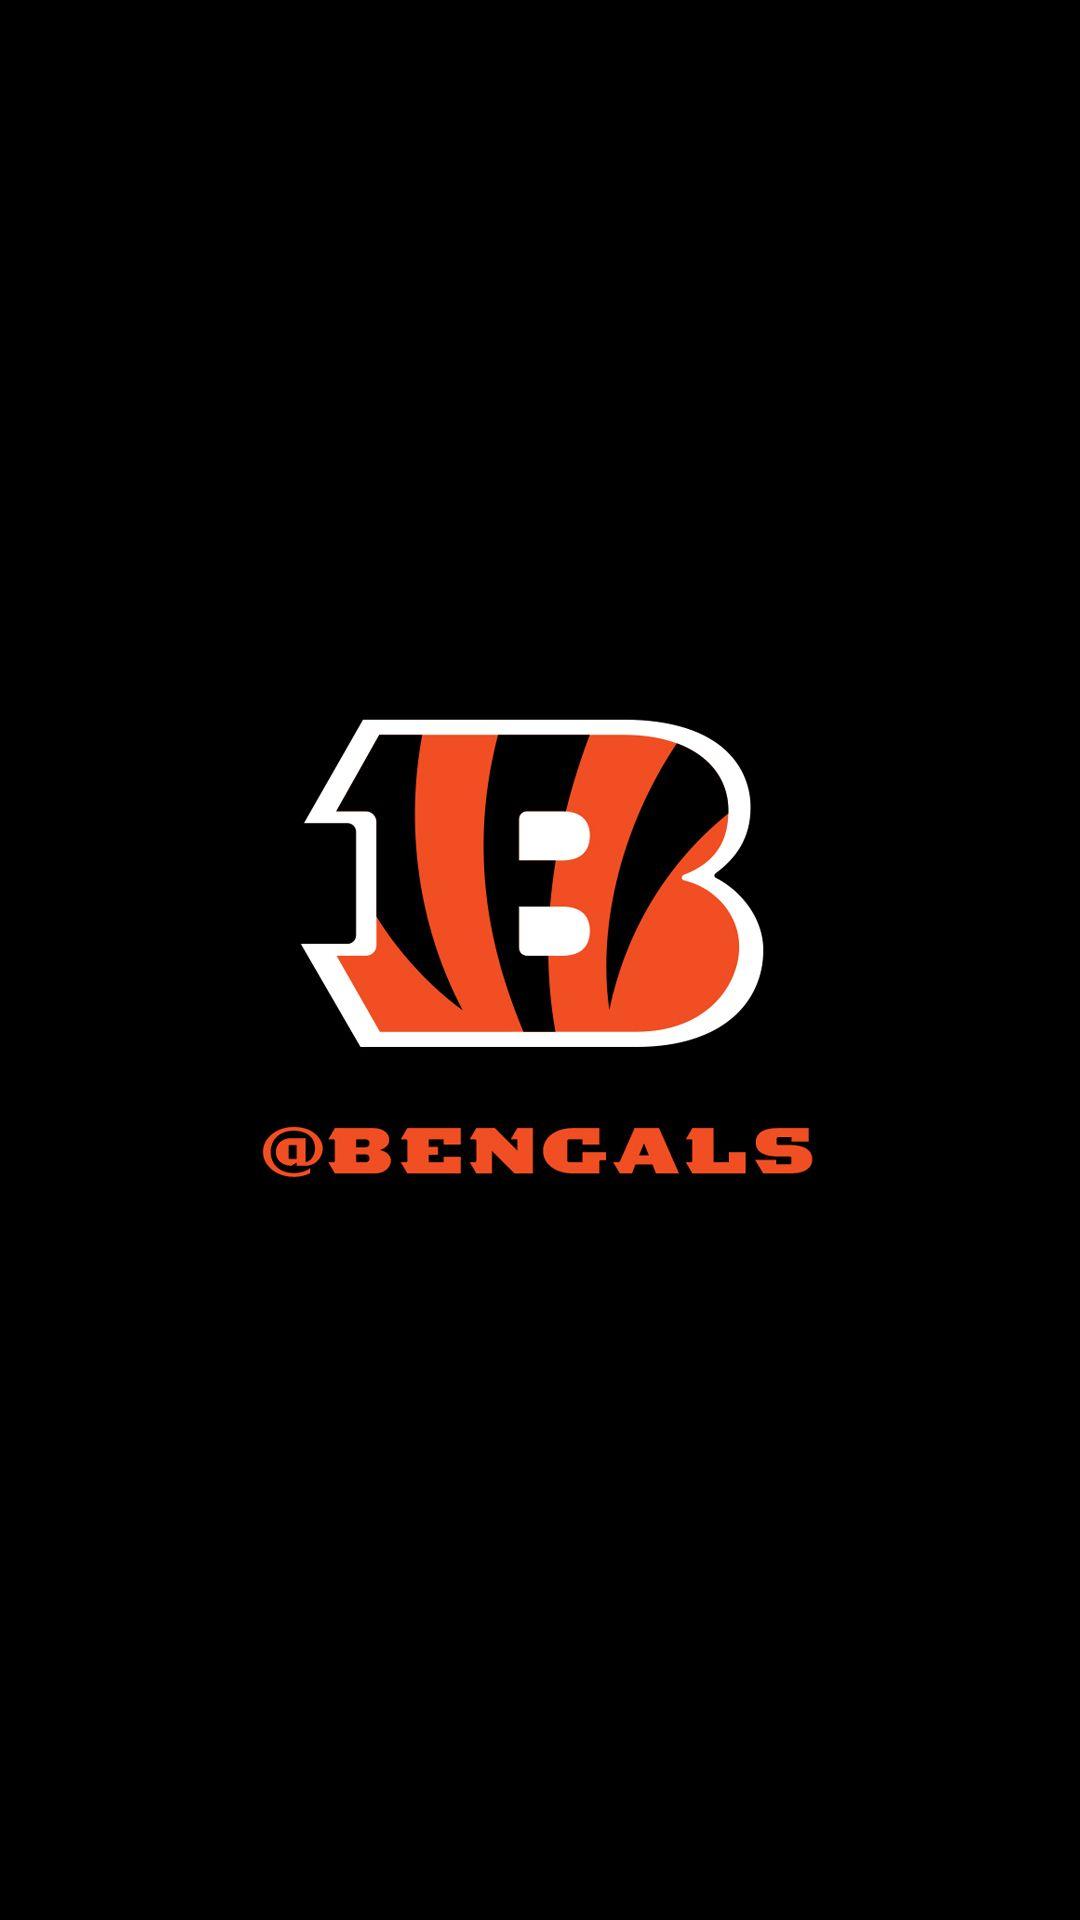 Bengals Logo - Black